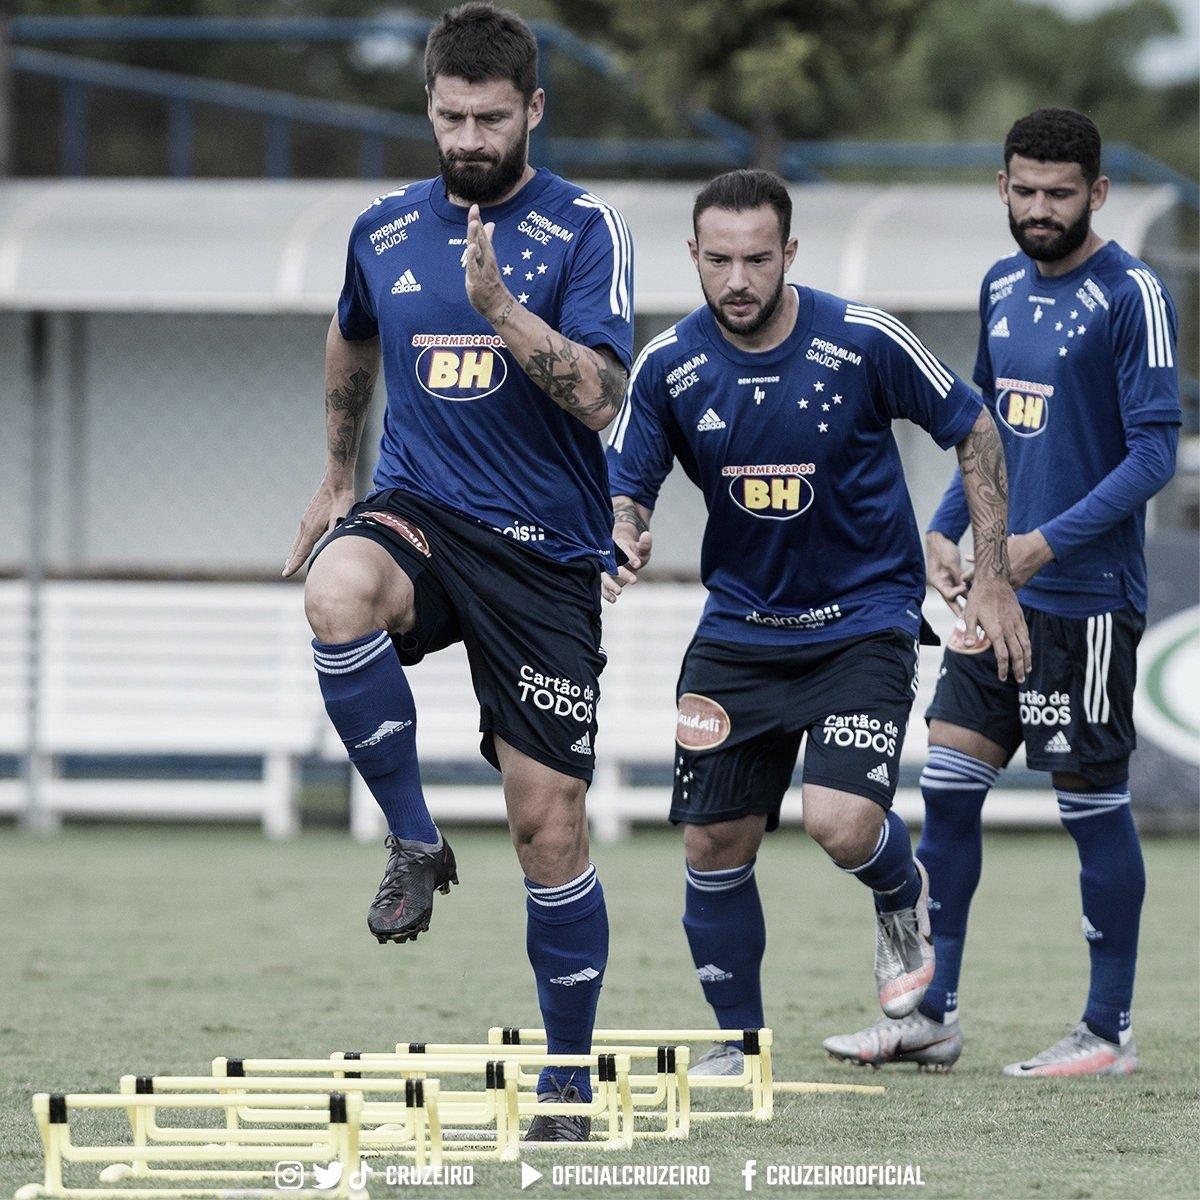 Foto: Reprodução Cruzeiro EC